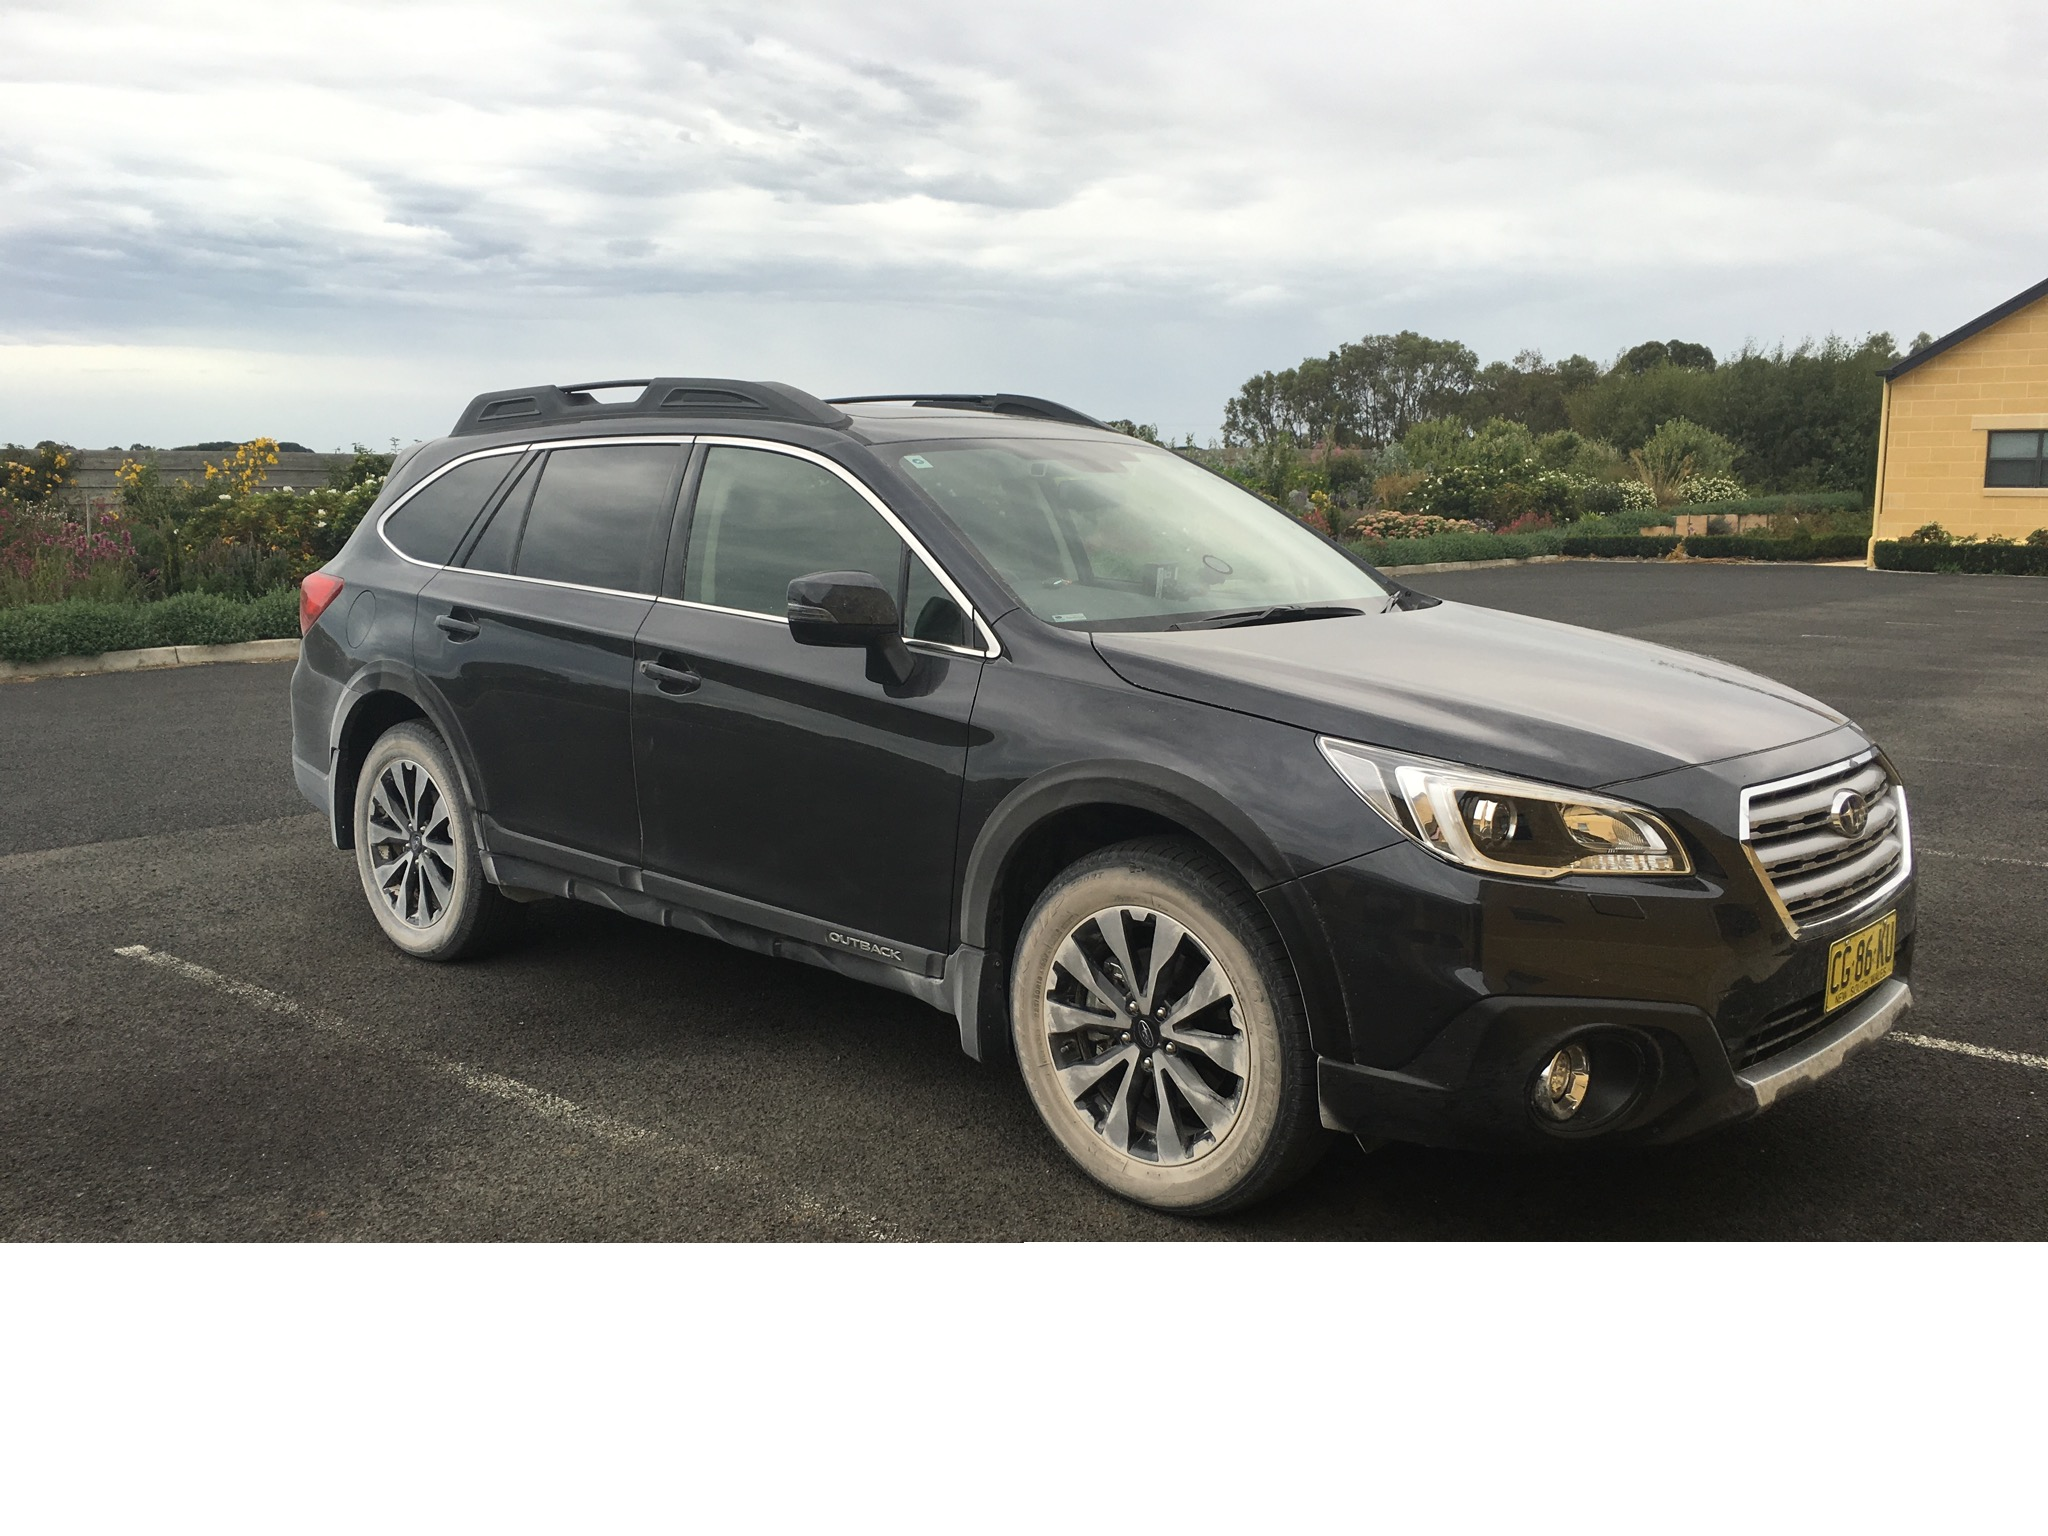 2016 Subaru Outback Review | CarAdvice